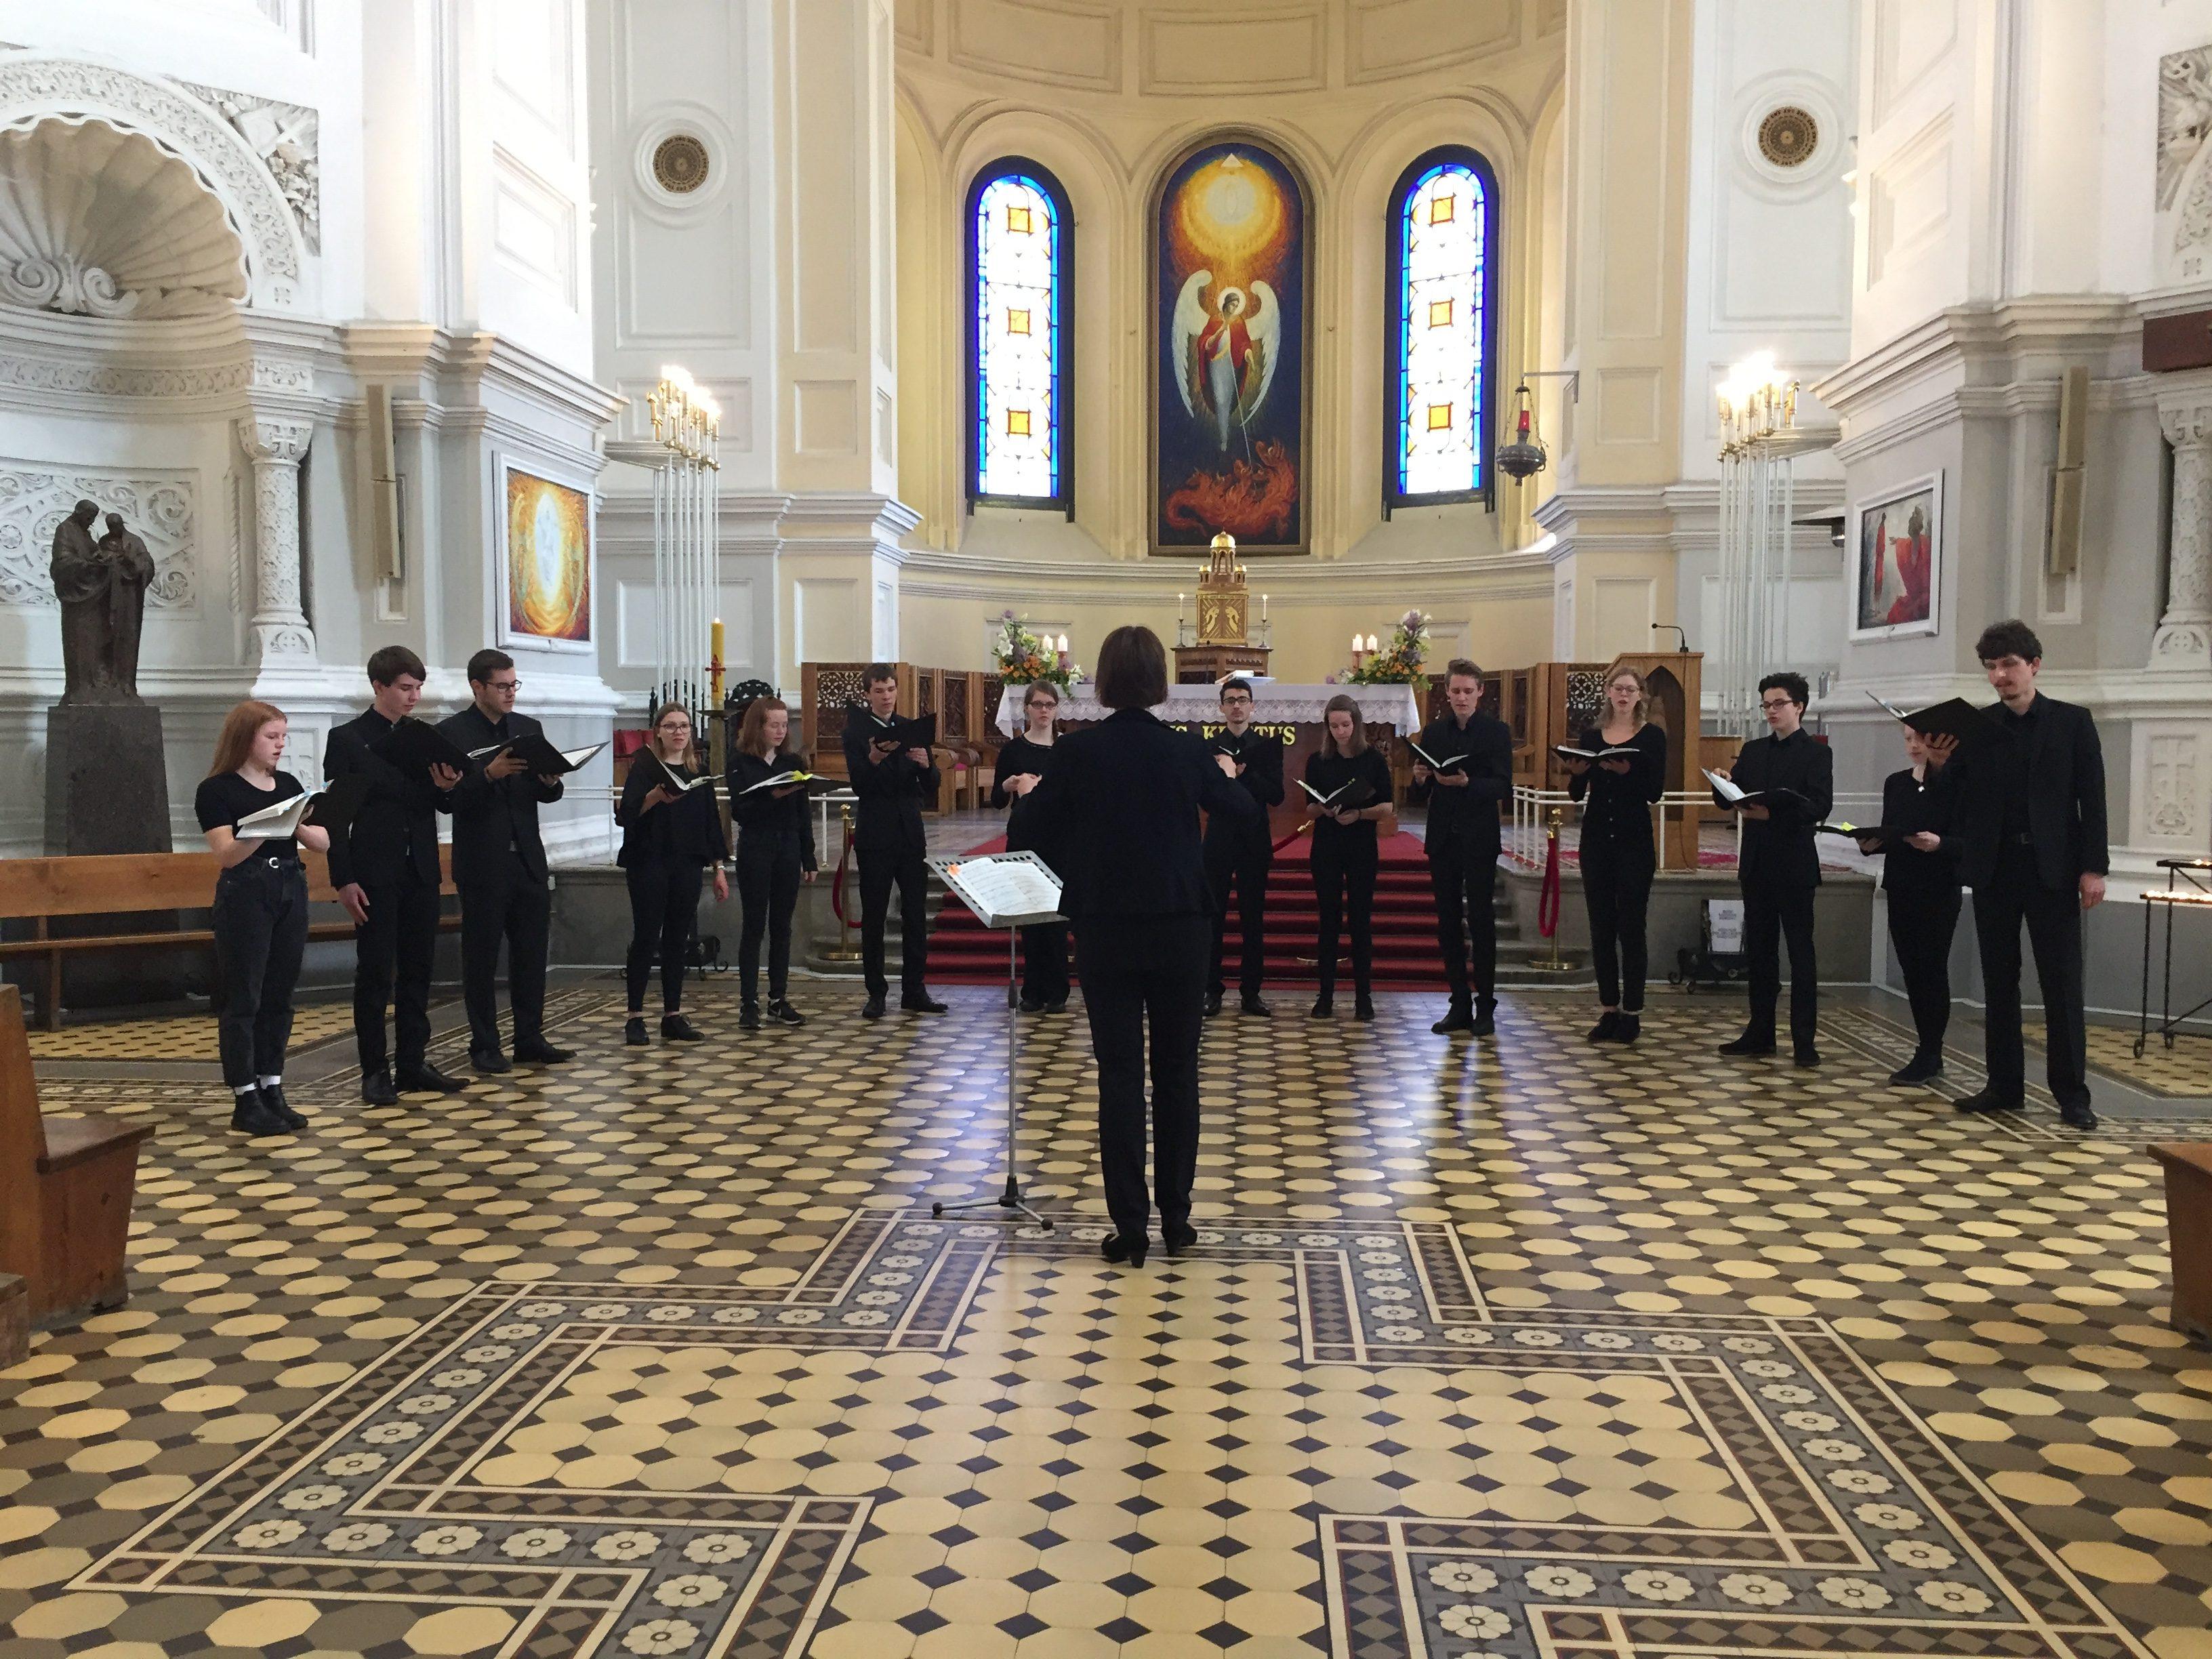 Pforzheimo jaunimo choras Klaipėdos Šv. Pranciškaus koplyčioje